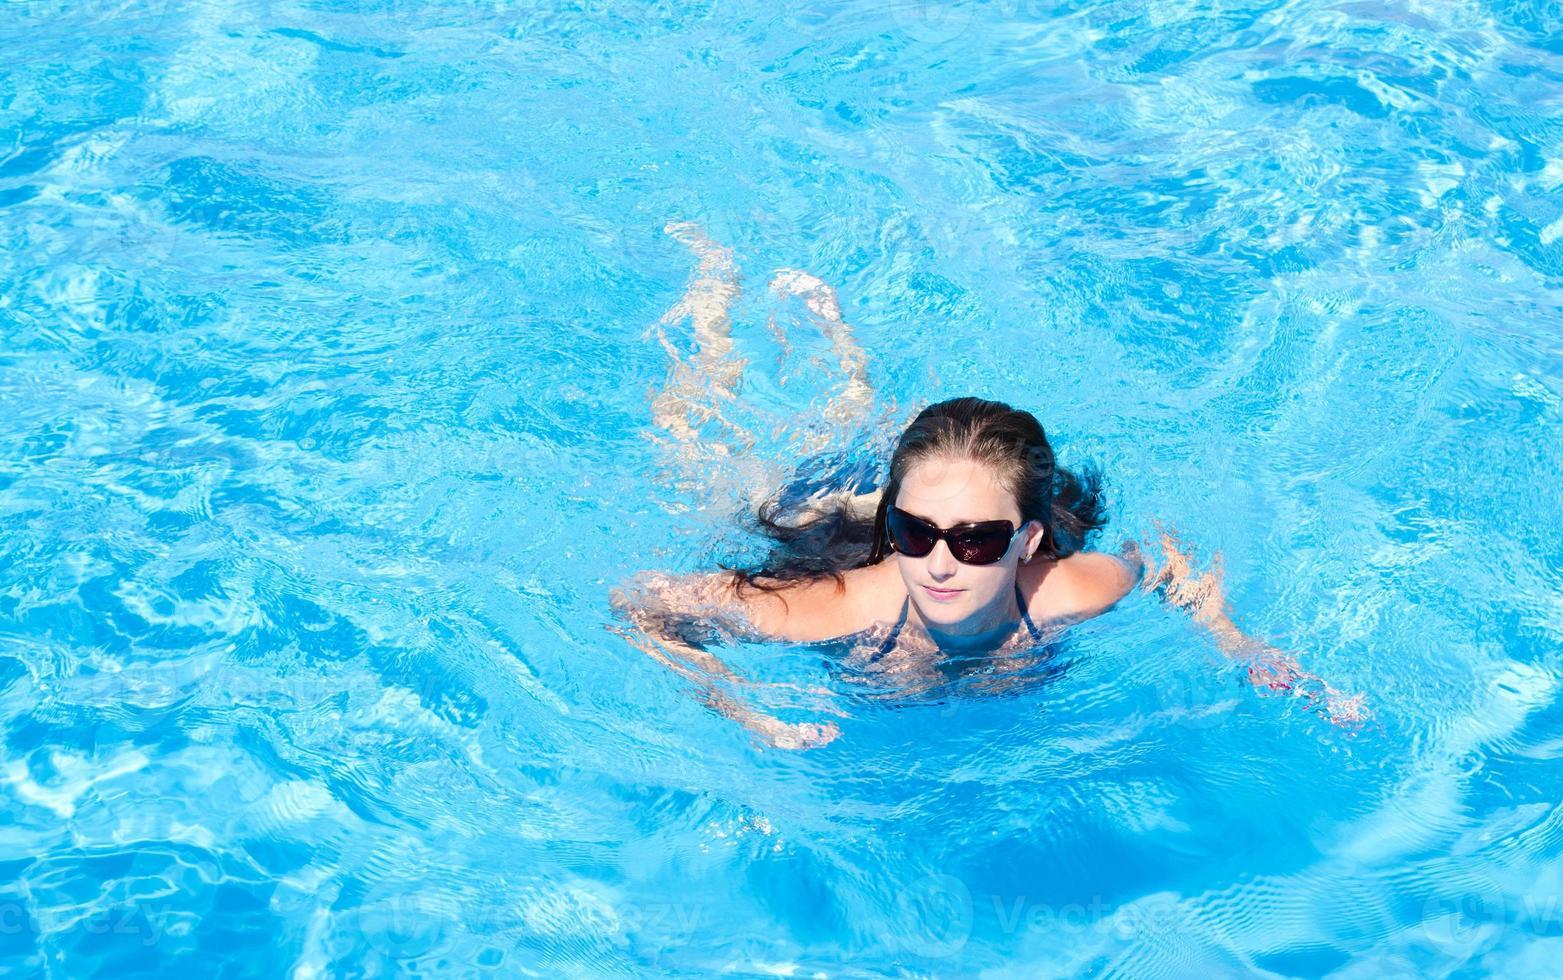 jeune fille dans la piscine photo